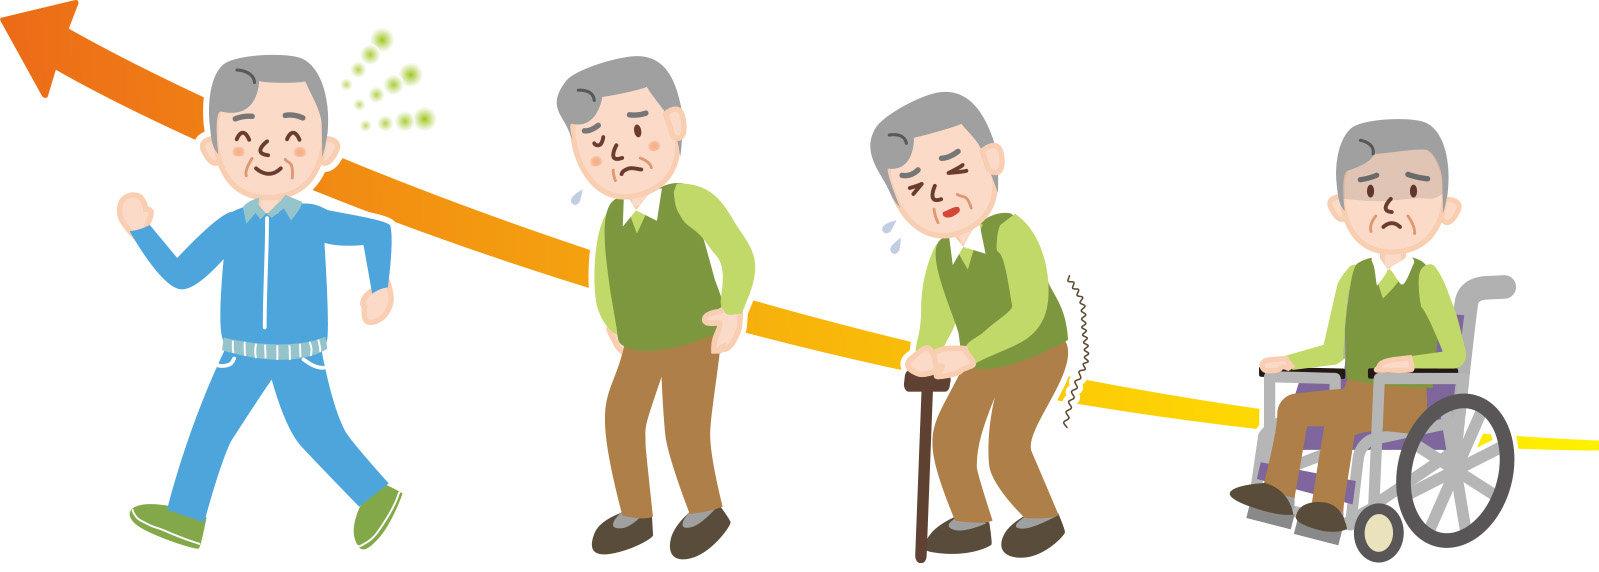 健康体操教室!フレイル予防体操さとやまバージョン【9/24(金)開催】